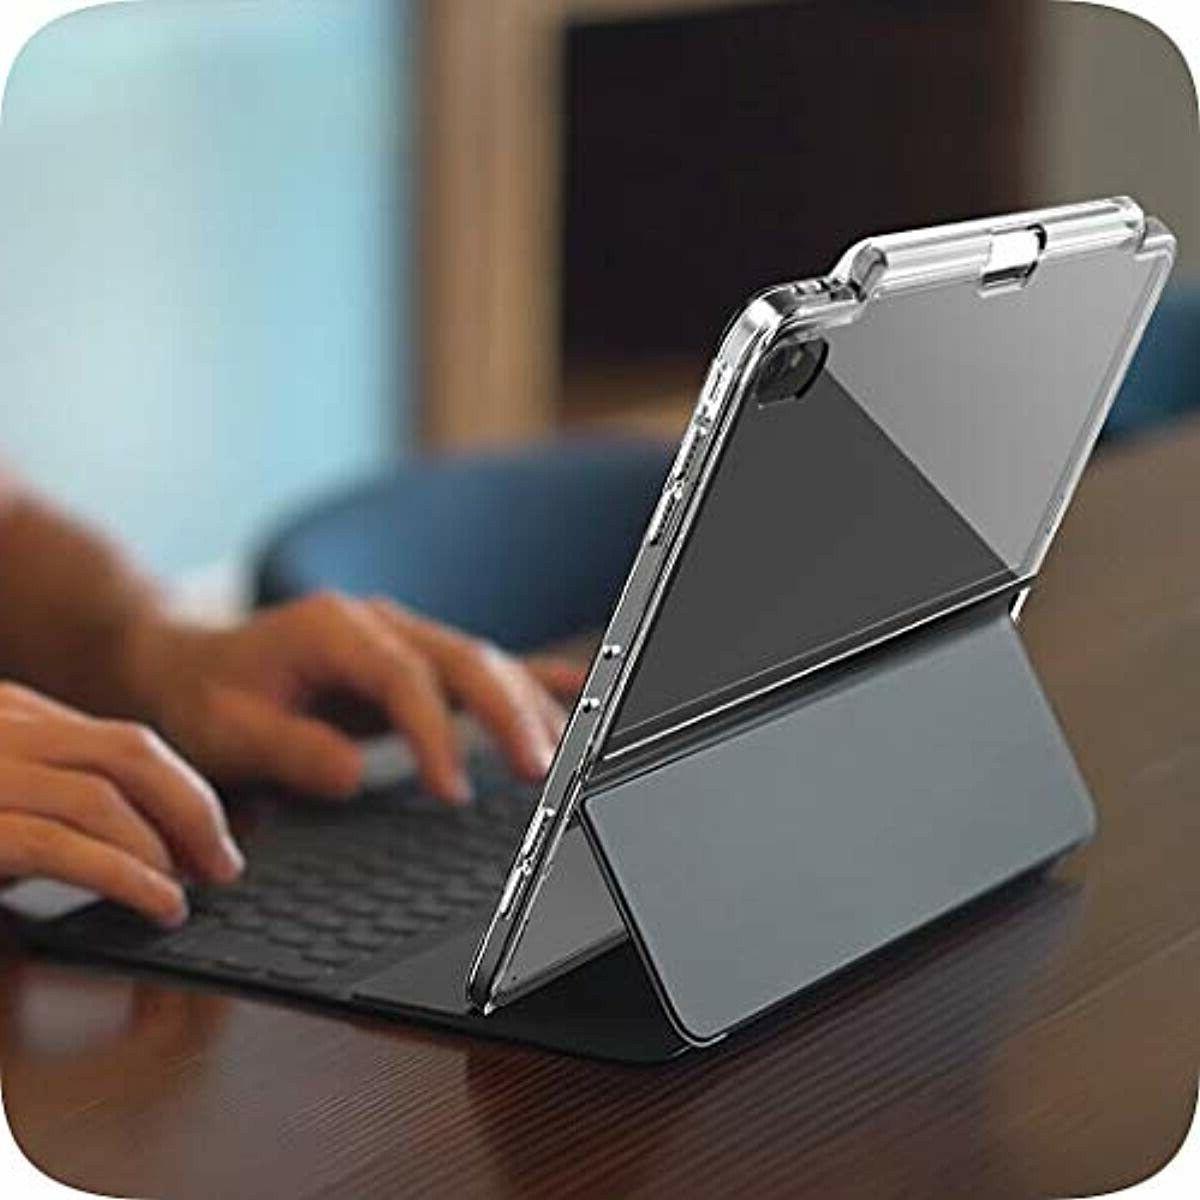 iPad Case i-Blason with and